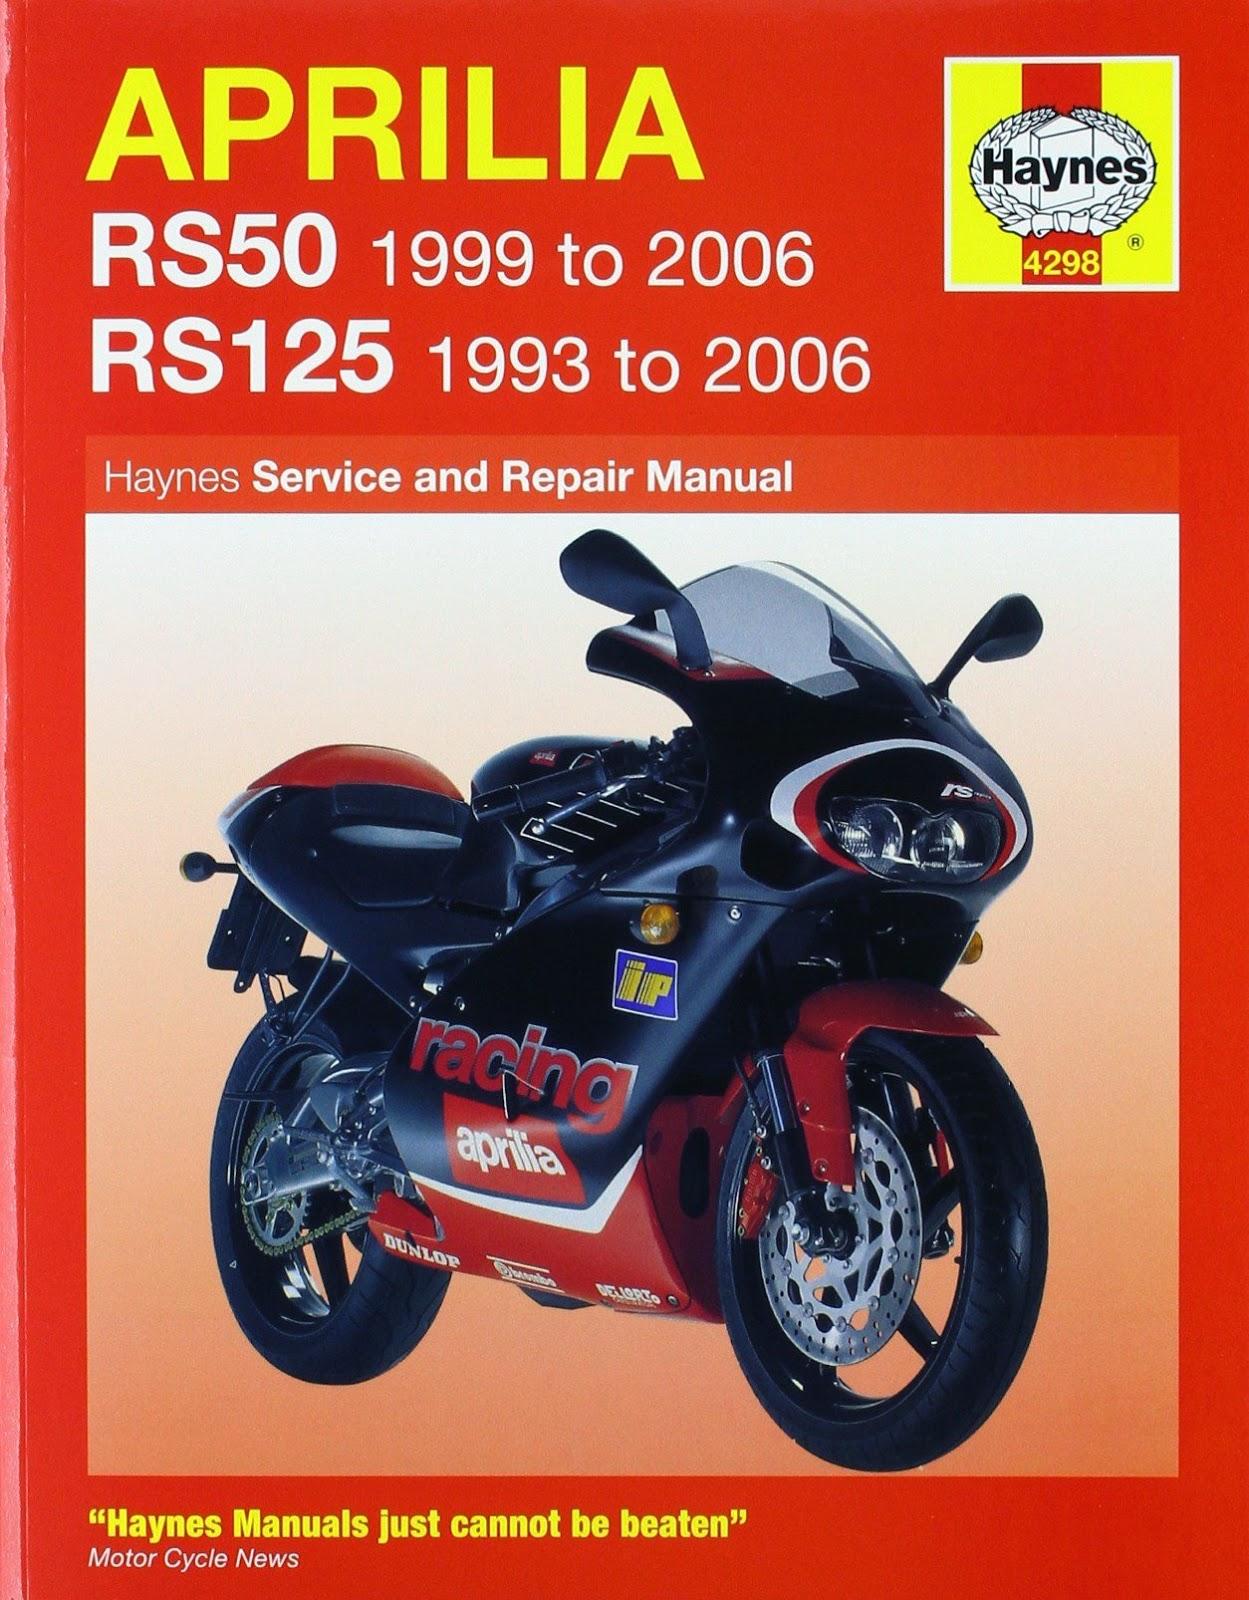 2003 aprilia tuono owners manual